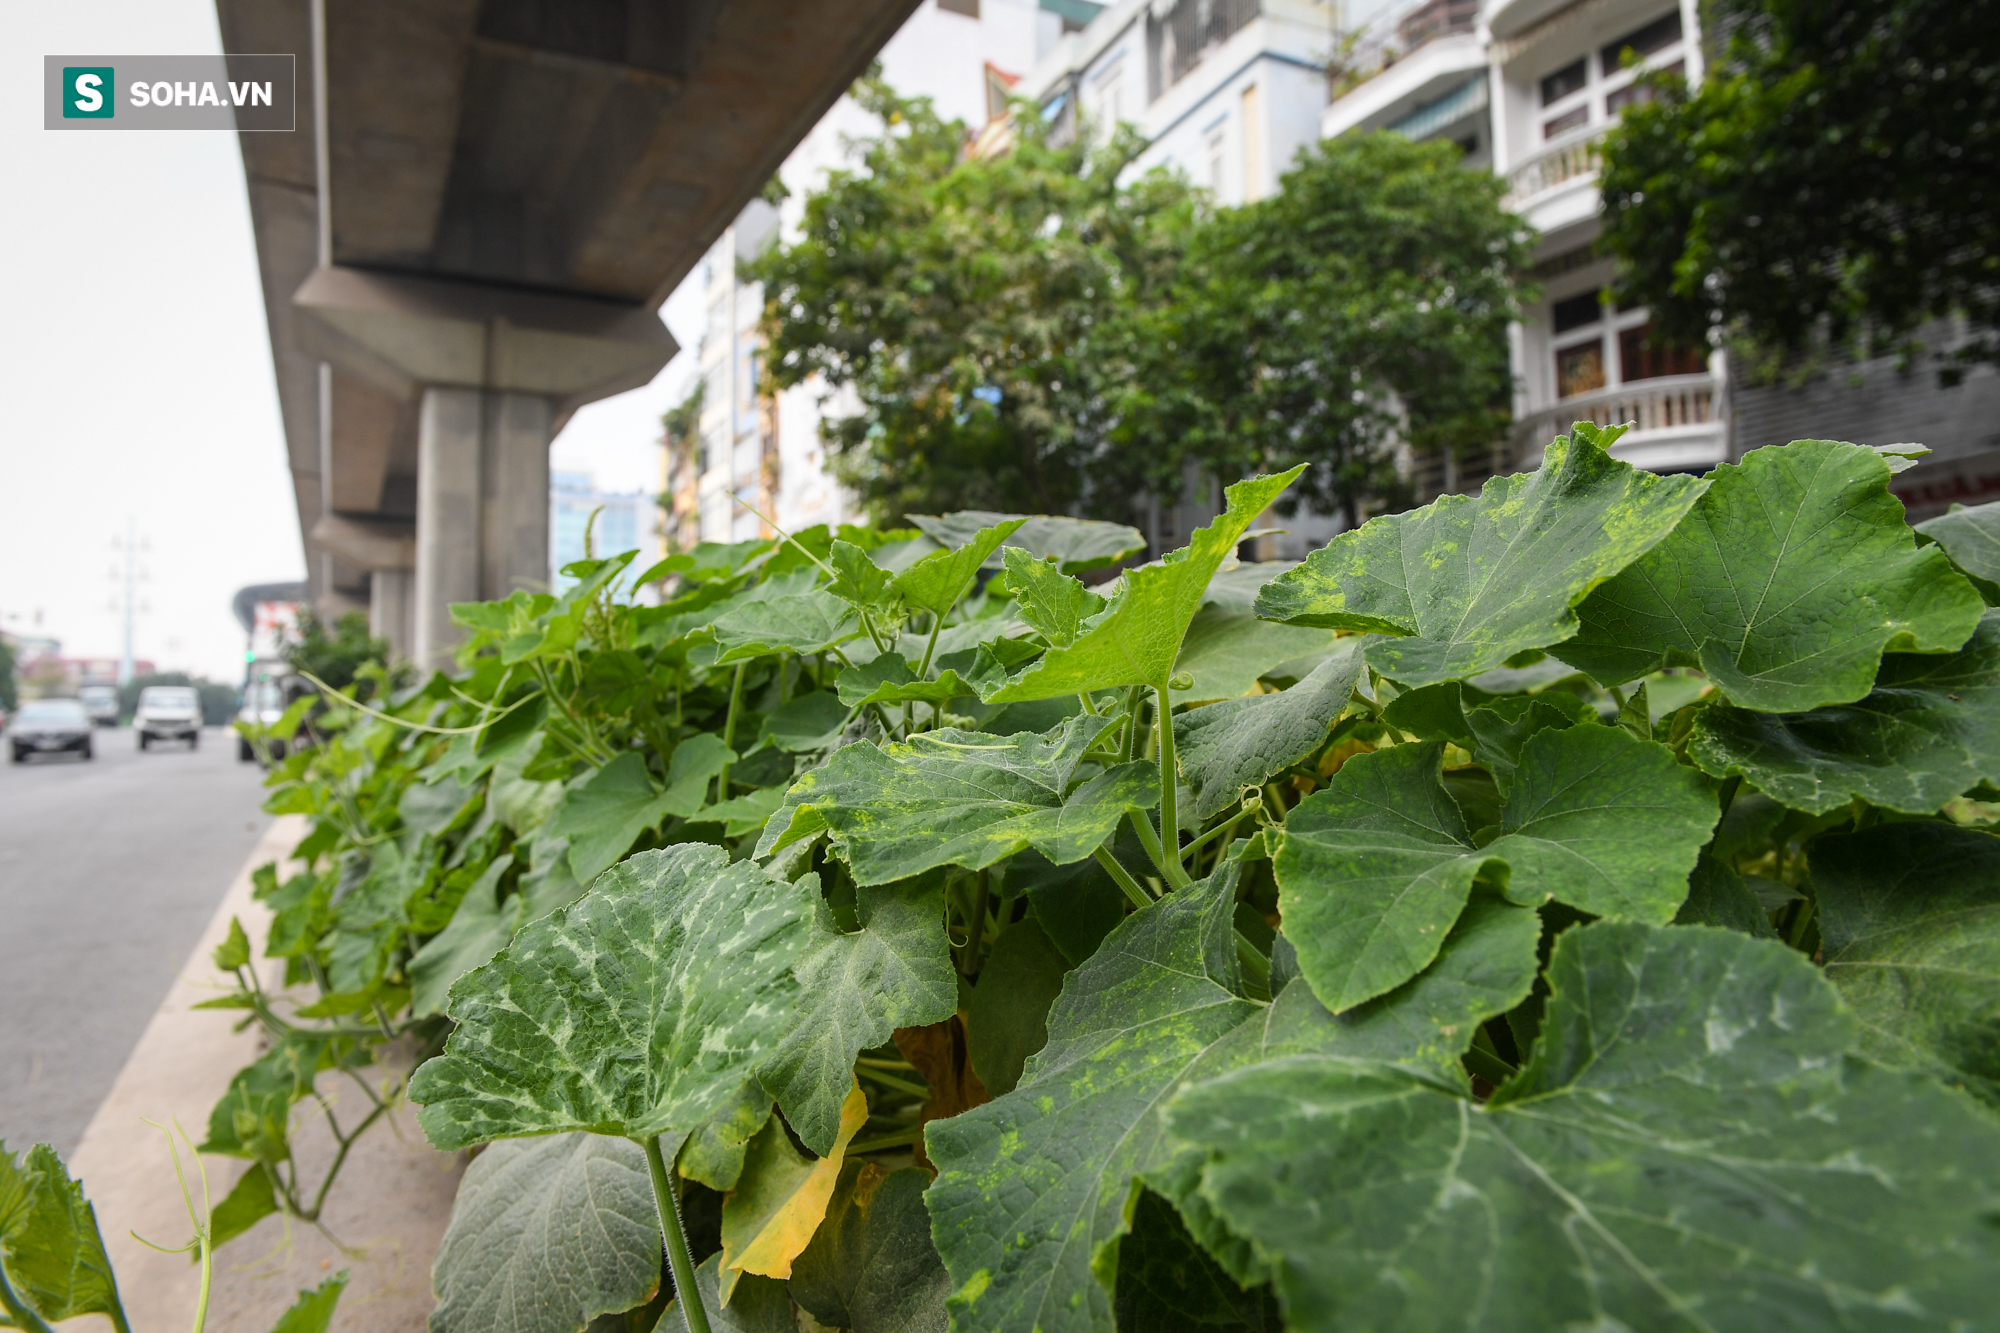 Đường sắt Cát Linh-Hà Đông 18.000 tỷ đồng chưa hẹn ngày khai thác: Người dân tận dụng không gian để nuôi chó, trồng rau - Ảnh 4.